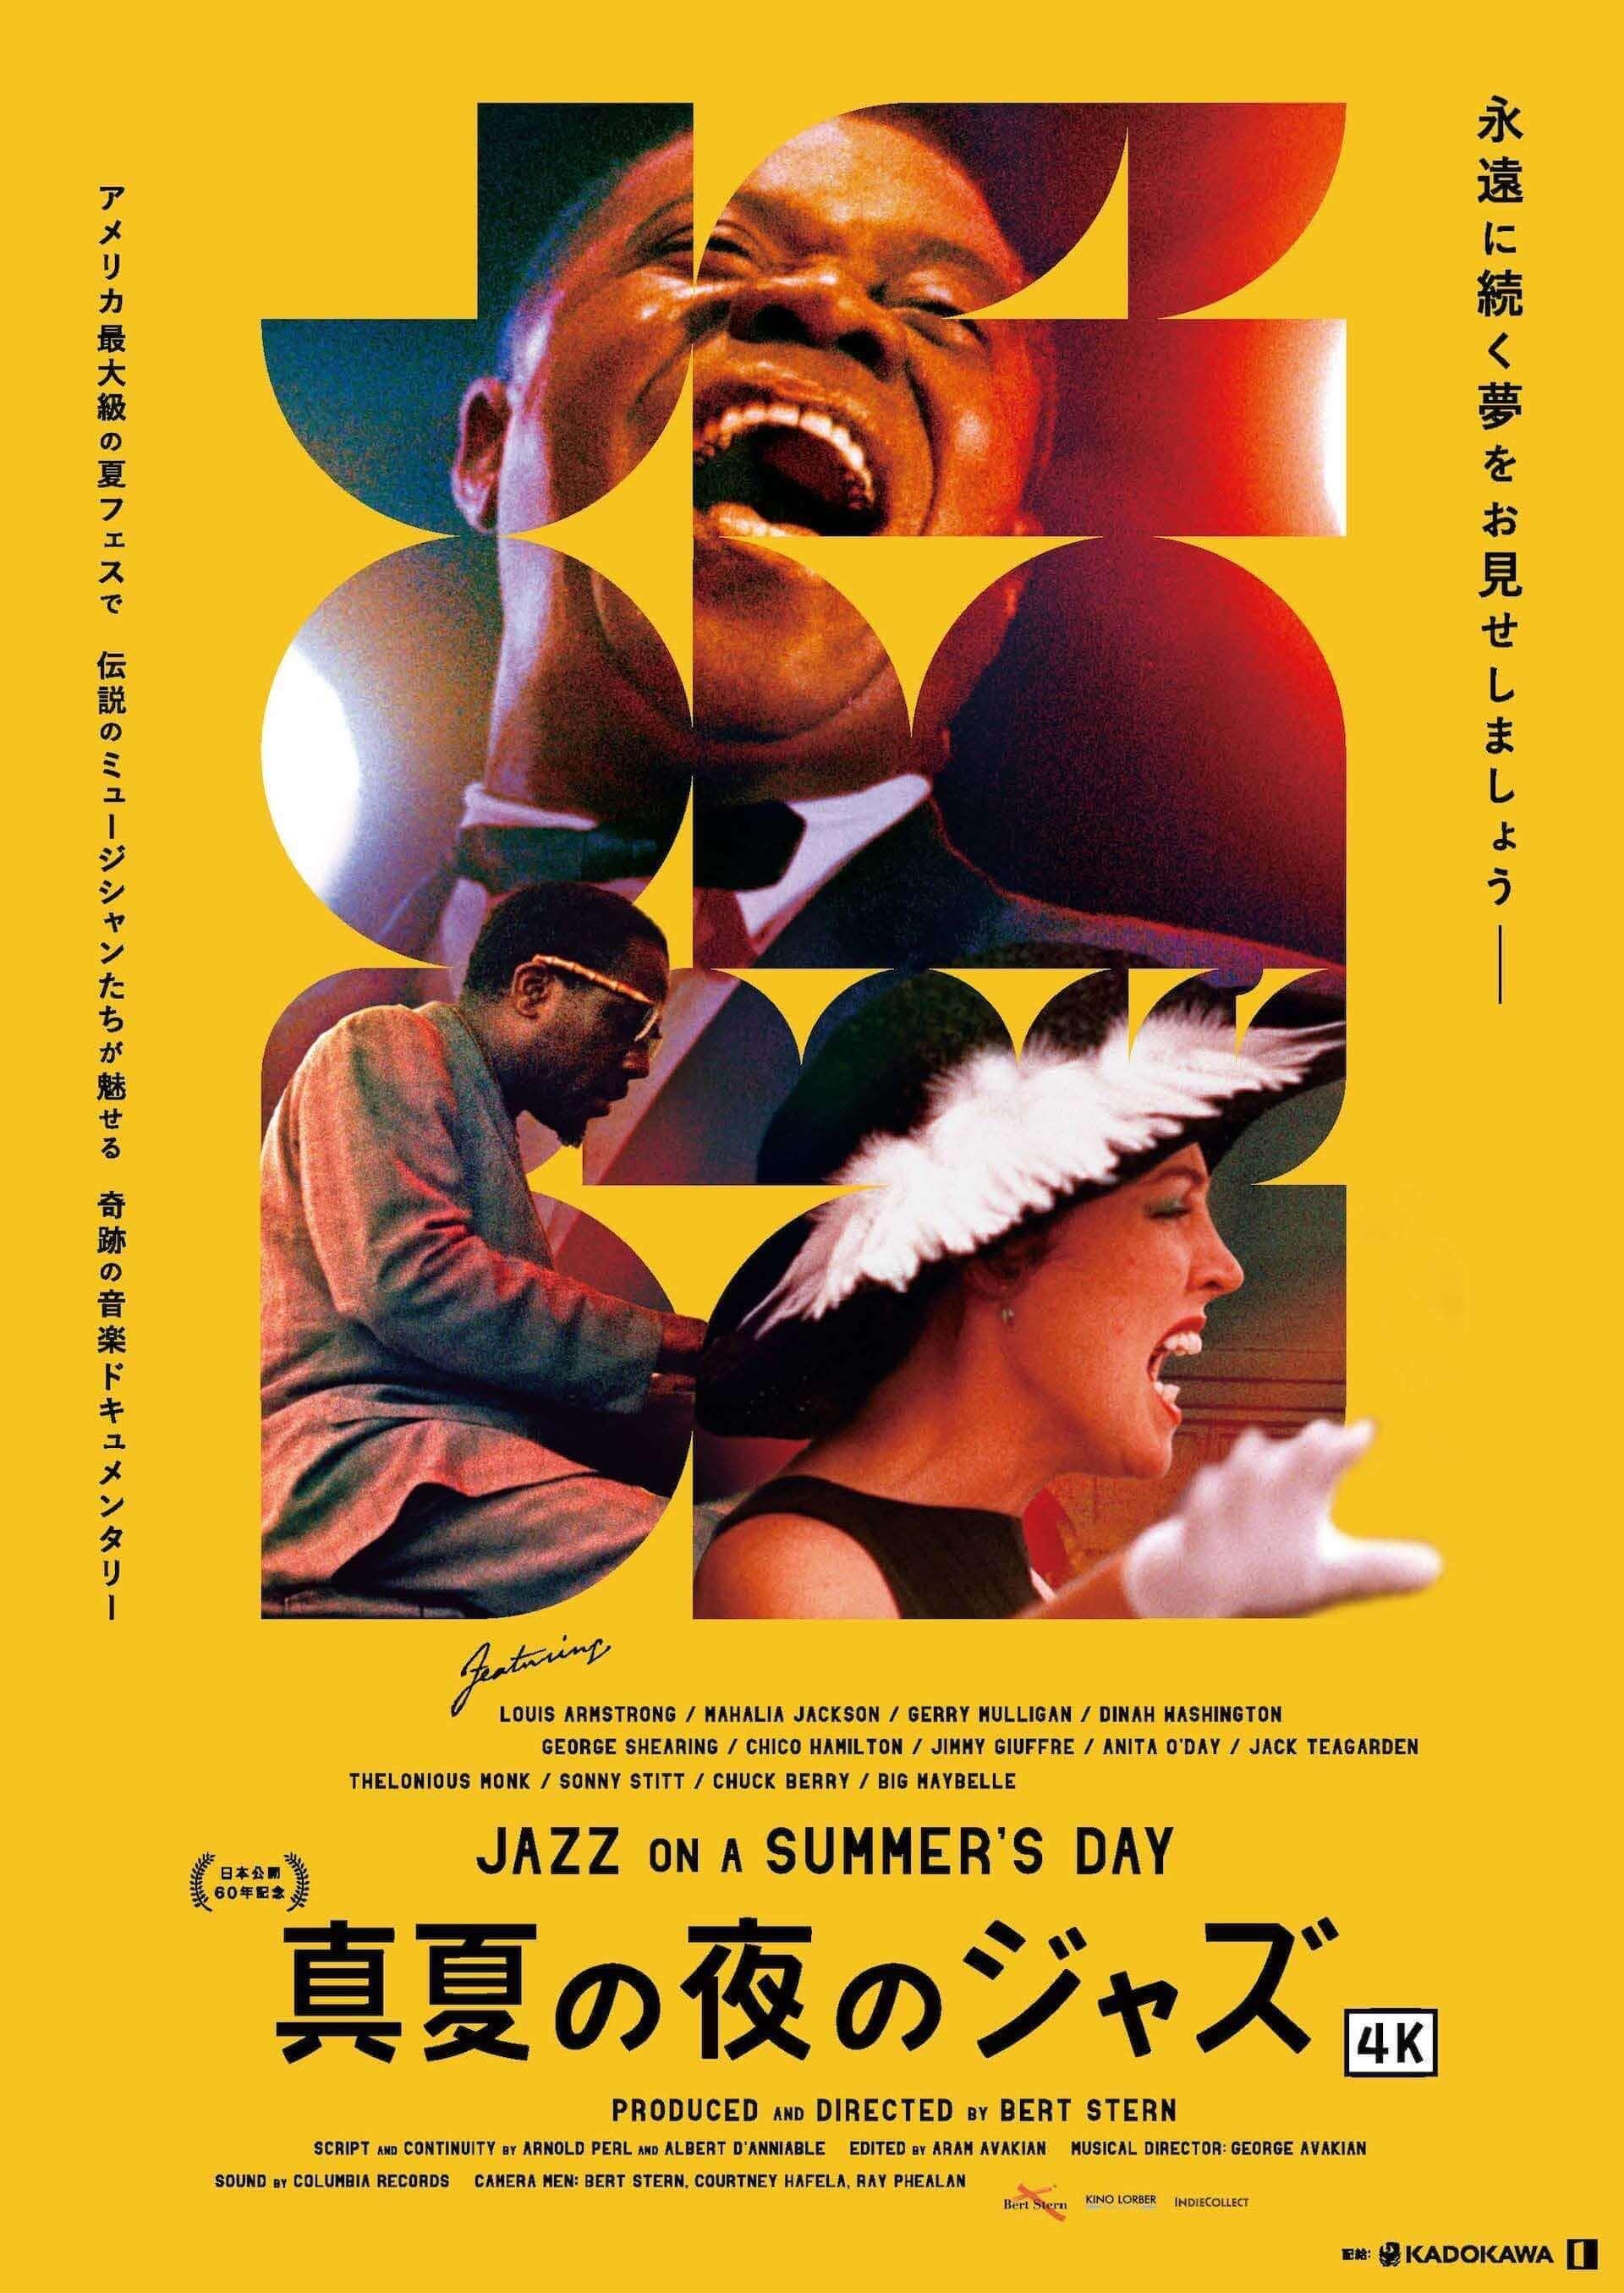 ルイ・アームストロング、チャック・ベリーも登場!米最大級のフェスを追った『真夏の夜のジャズ』4K版の予告編が解禁&セットリストも紹介 film200716_jazz4k_5-1920x2711